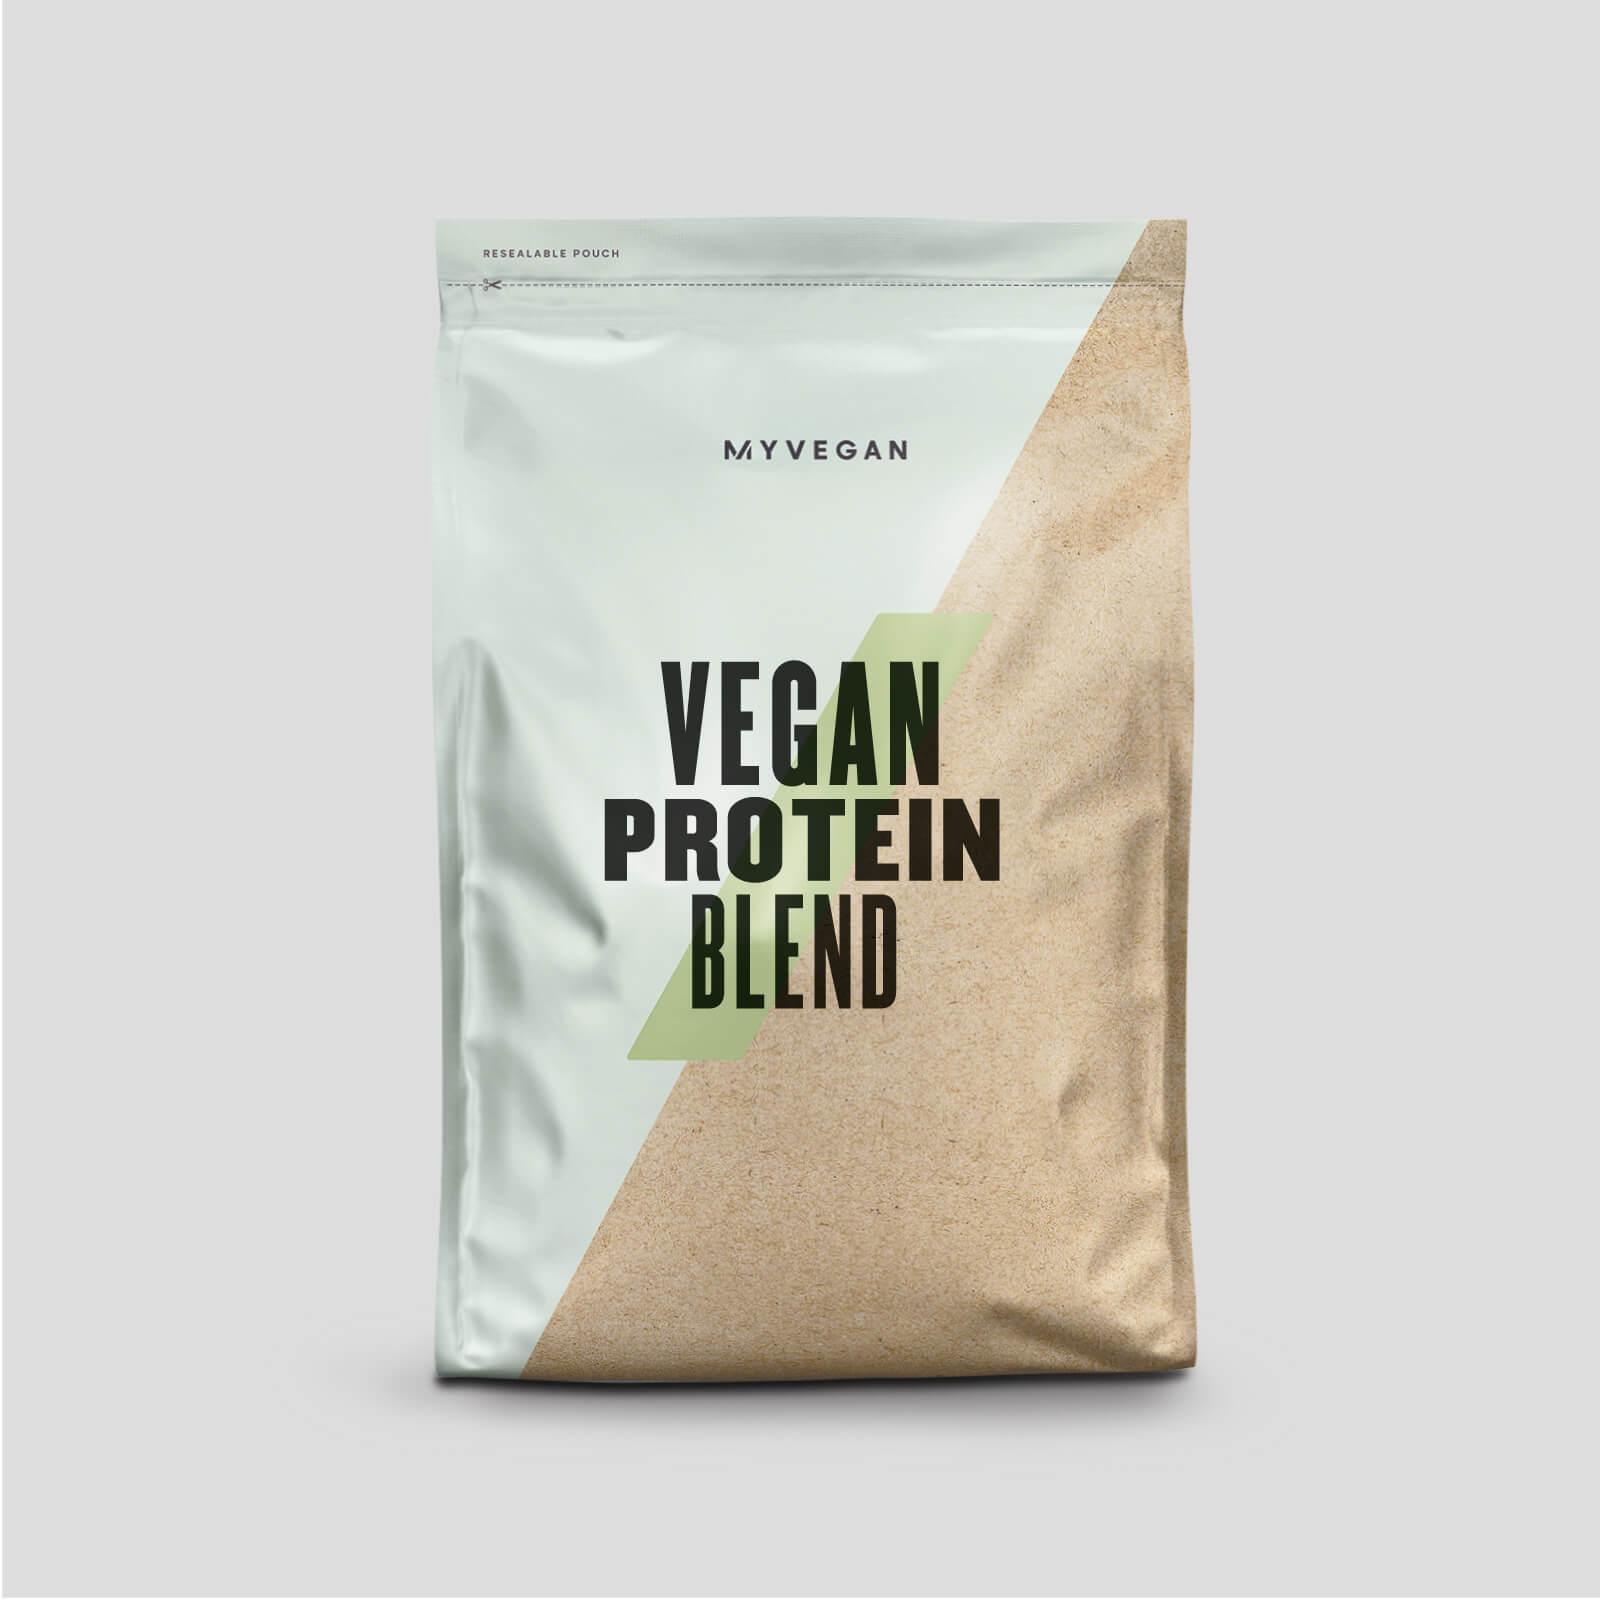 Myvegan Mezcla de Proteína Vegana - 2.5kg - Cafe y Nueces